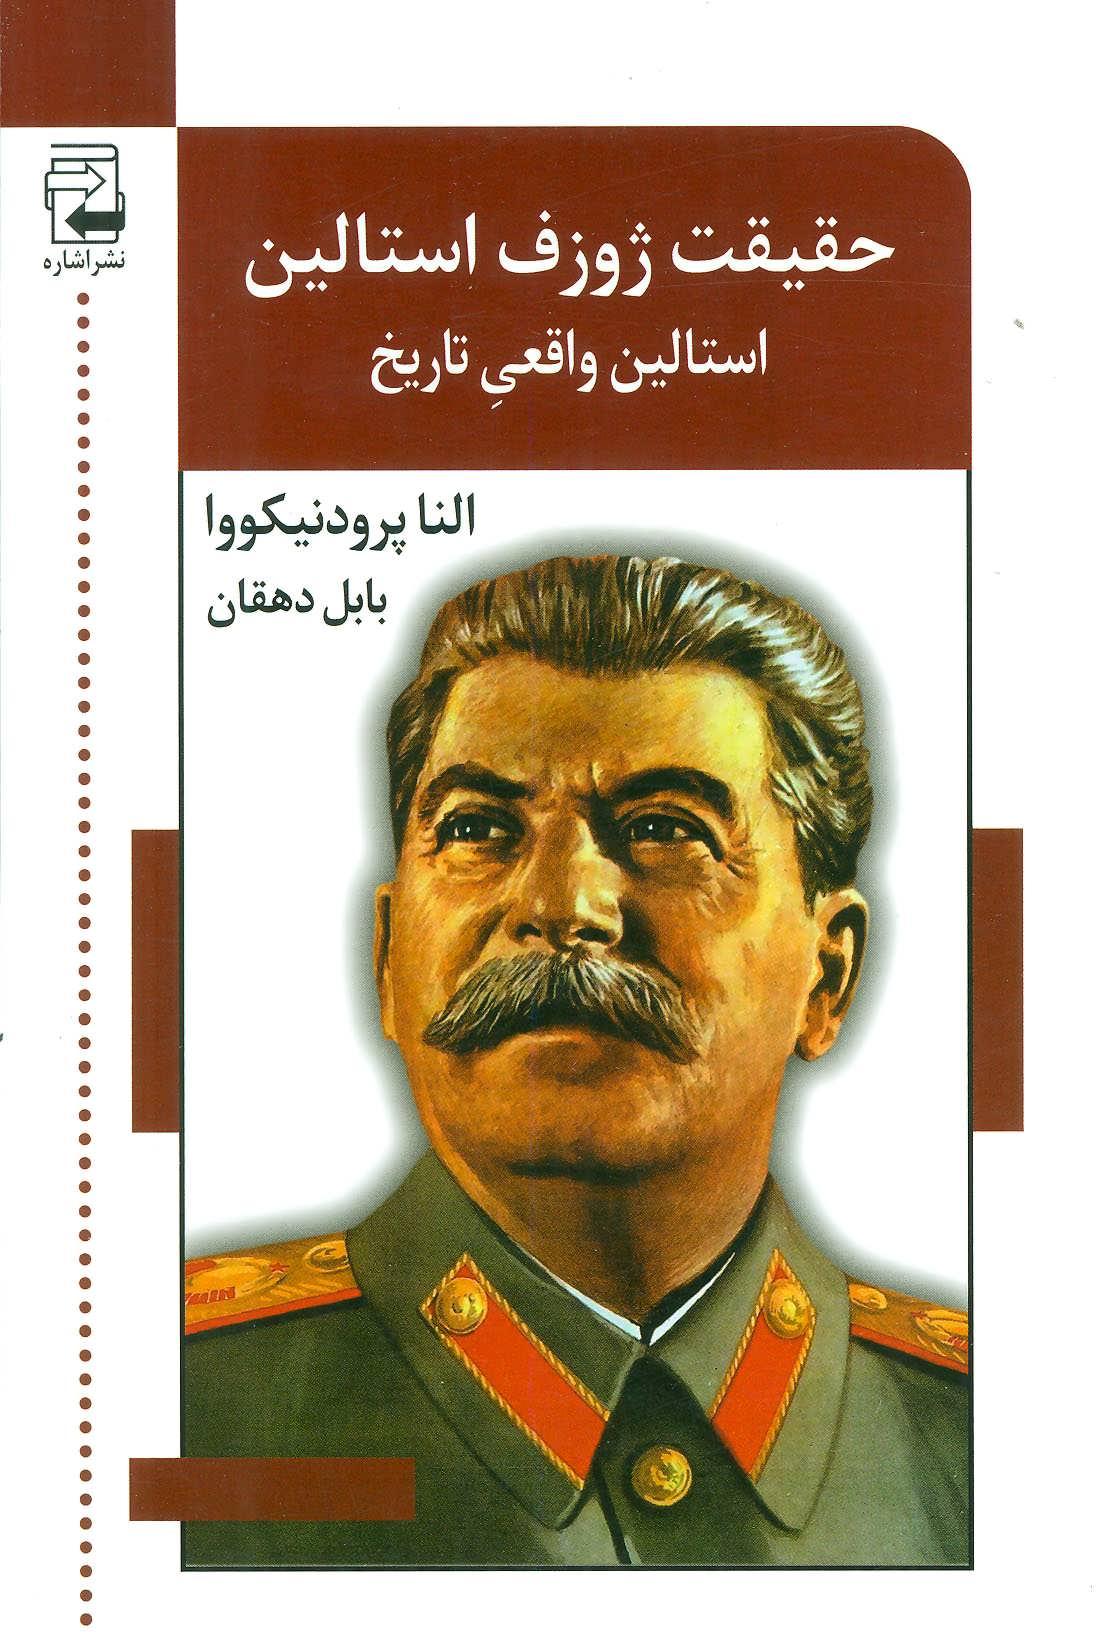 کتاب حقیقت ژوزف استالین